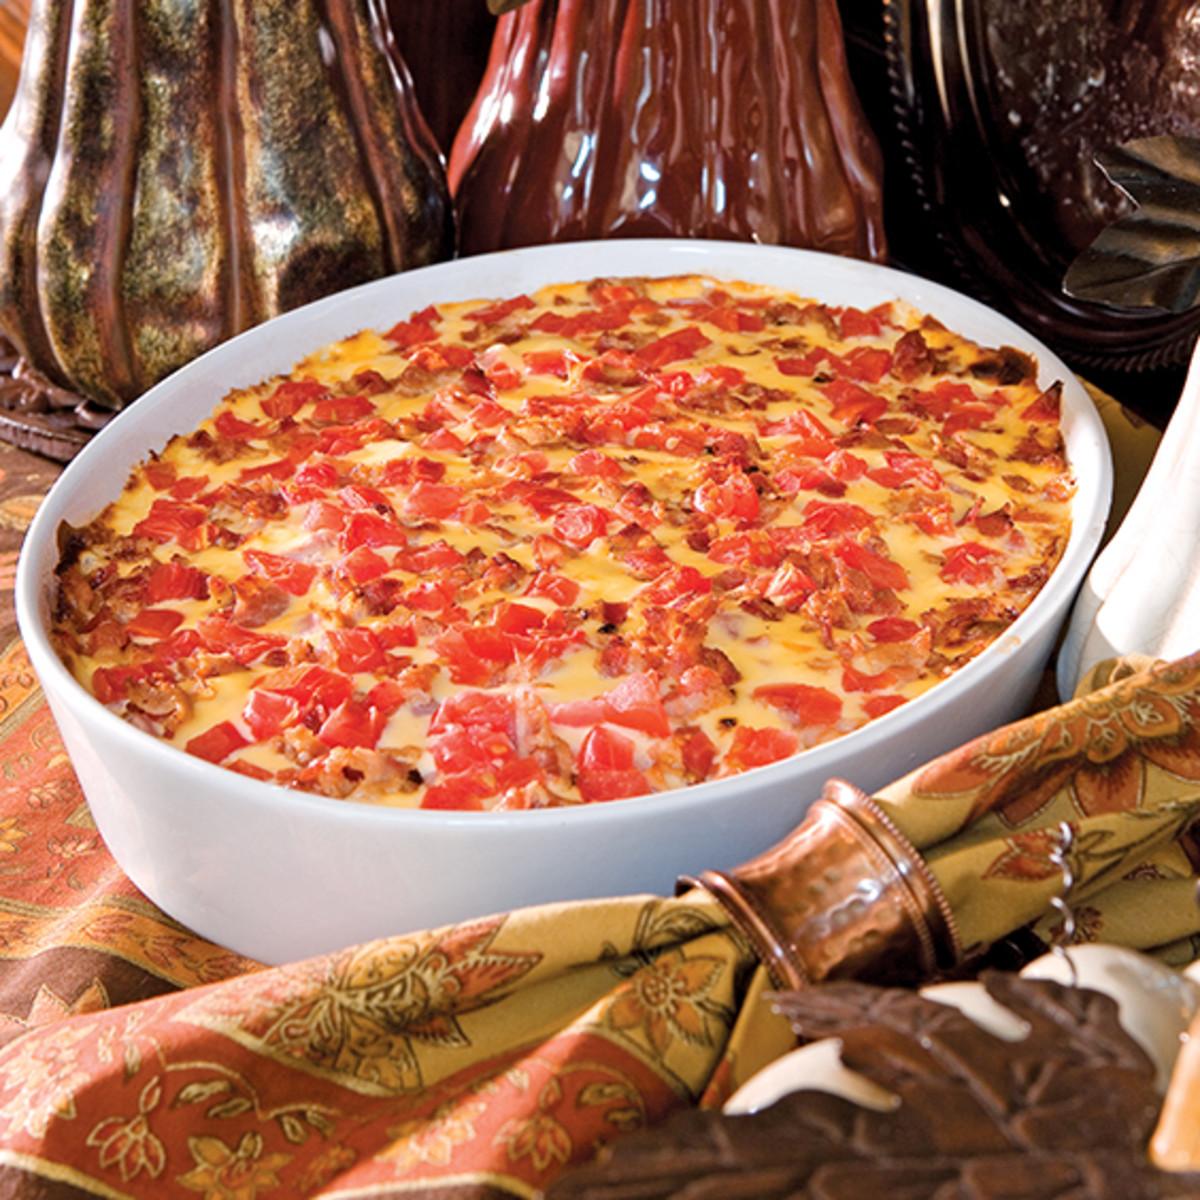 Hot brown casserole